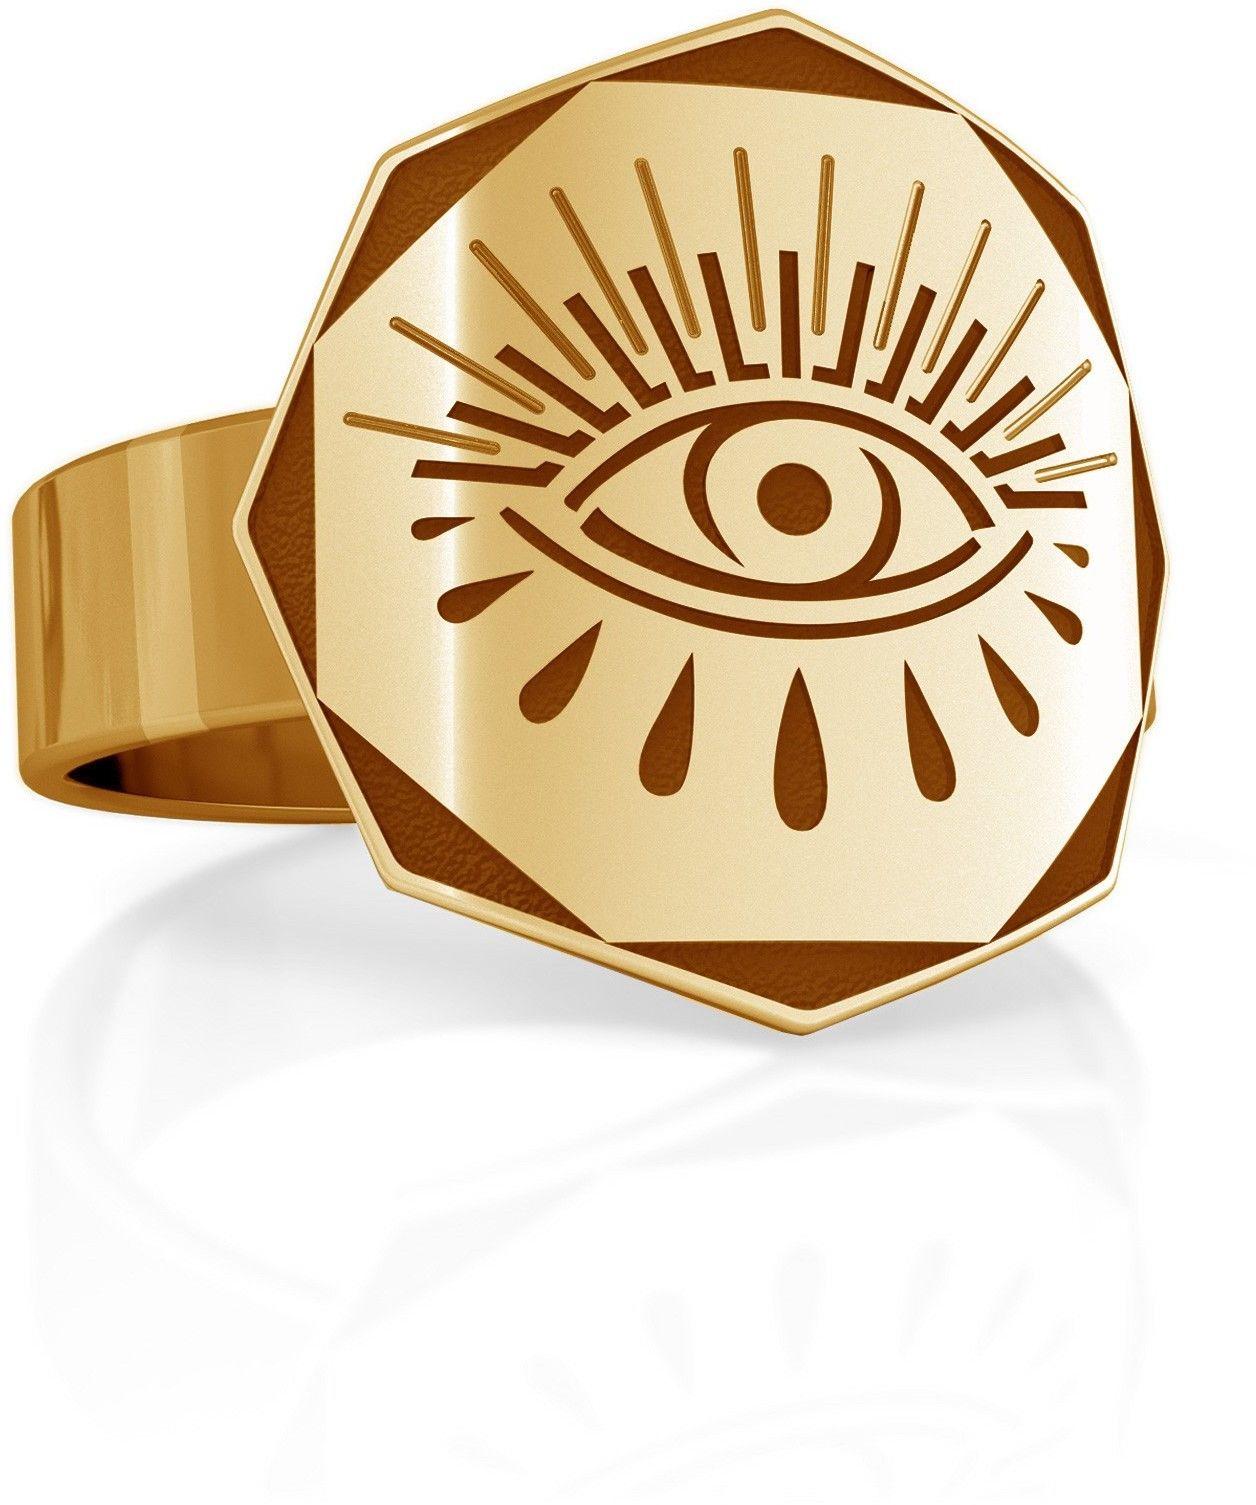 Srebrny sygnet oko Horusa, MON DÉFI, srebro 925 : ROZMIAR PIERŚCIONKA - 13 UK:N 16,67 MM, Srebro - kolor pokrycia - Pokrycie żółtym 18K złotem